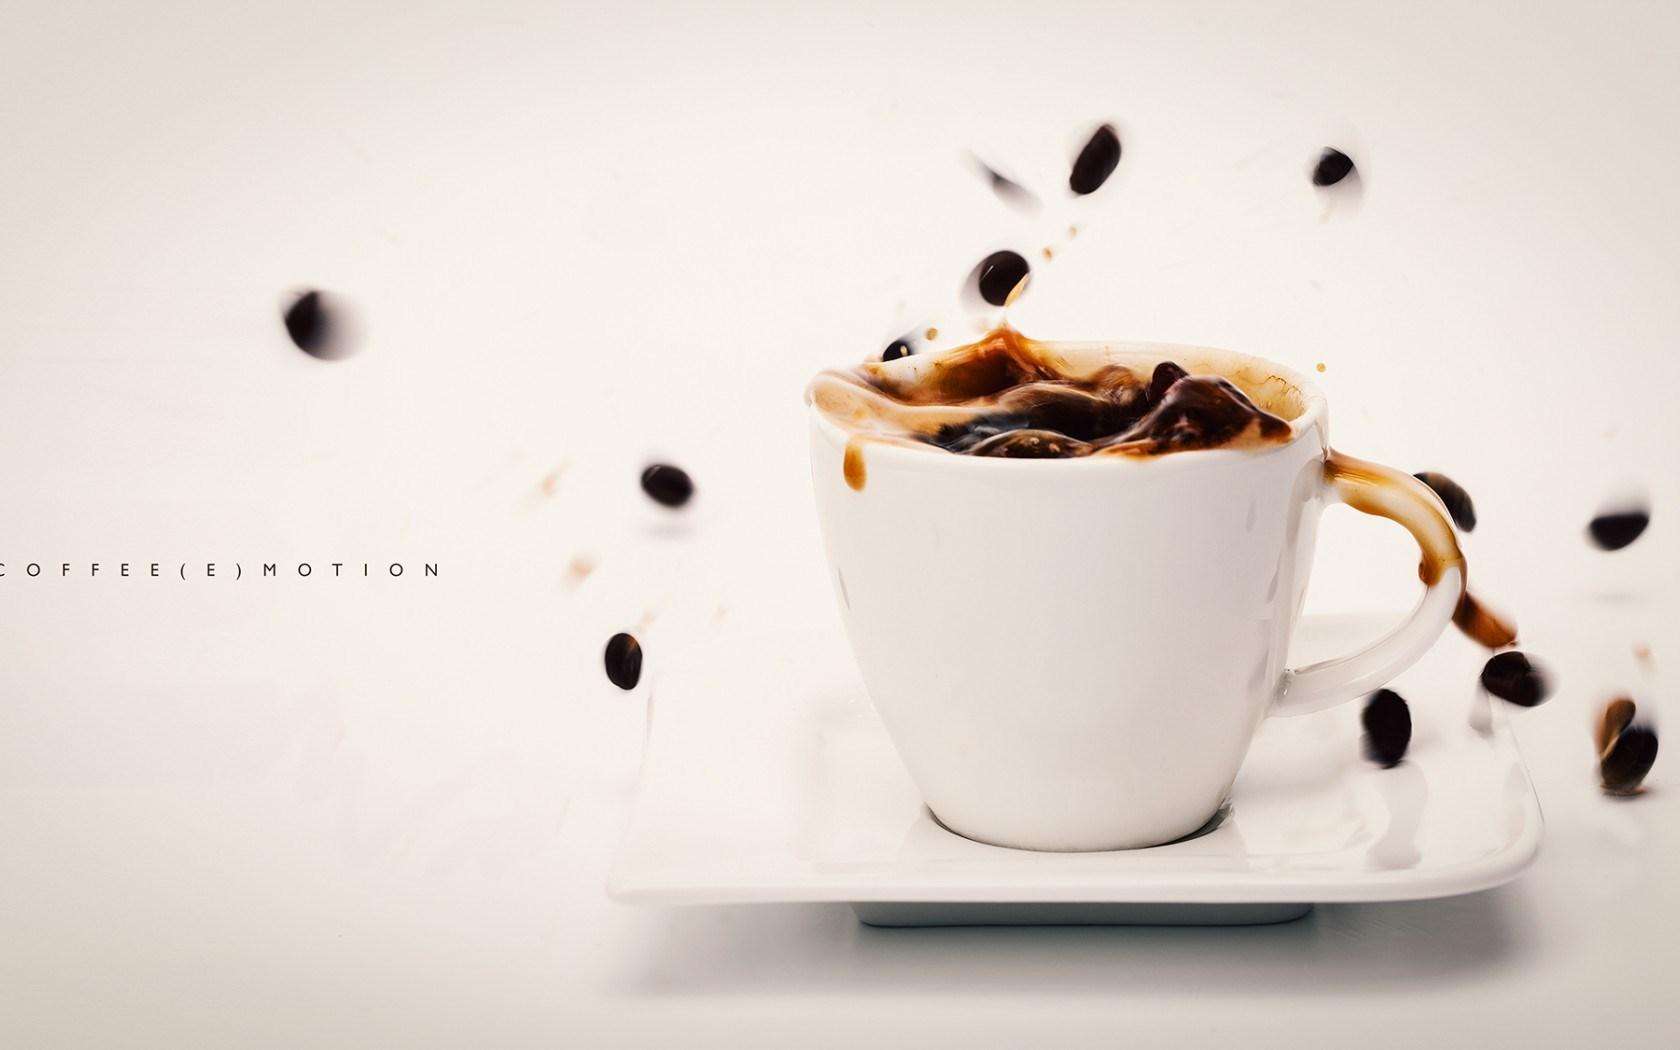 Moka Pot İle Espresso Nasıl Yapılır